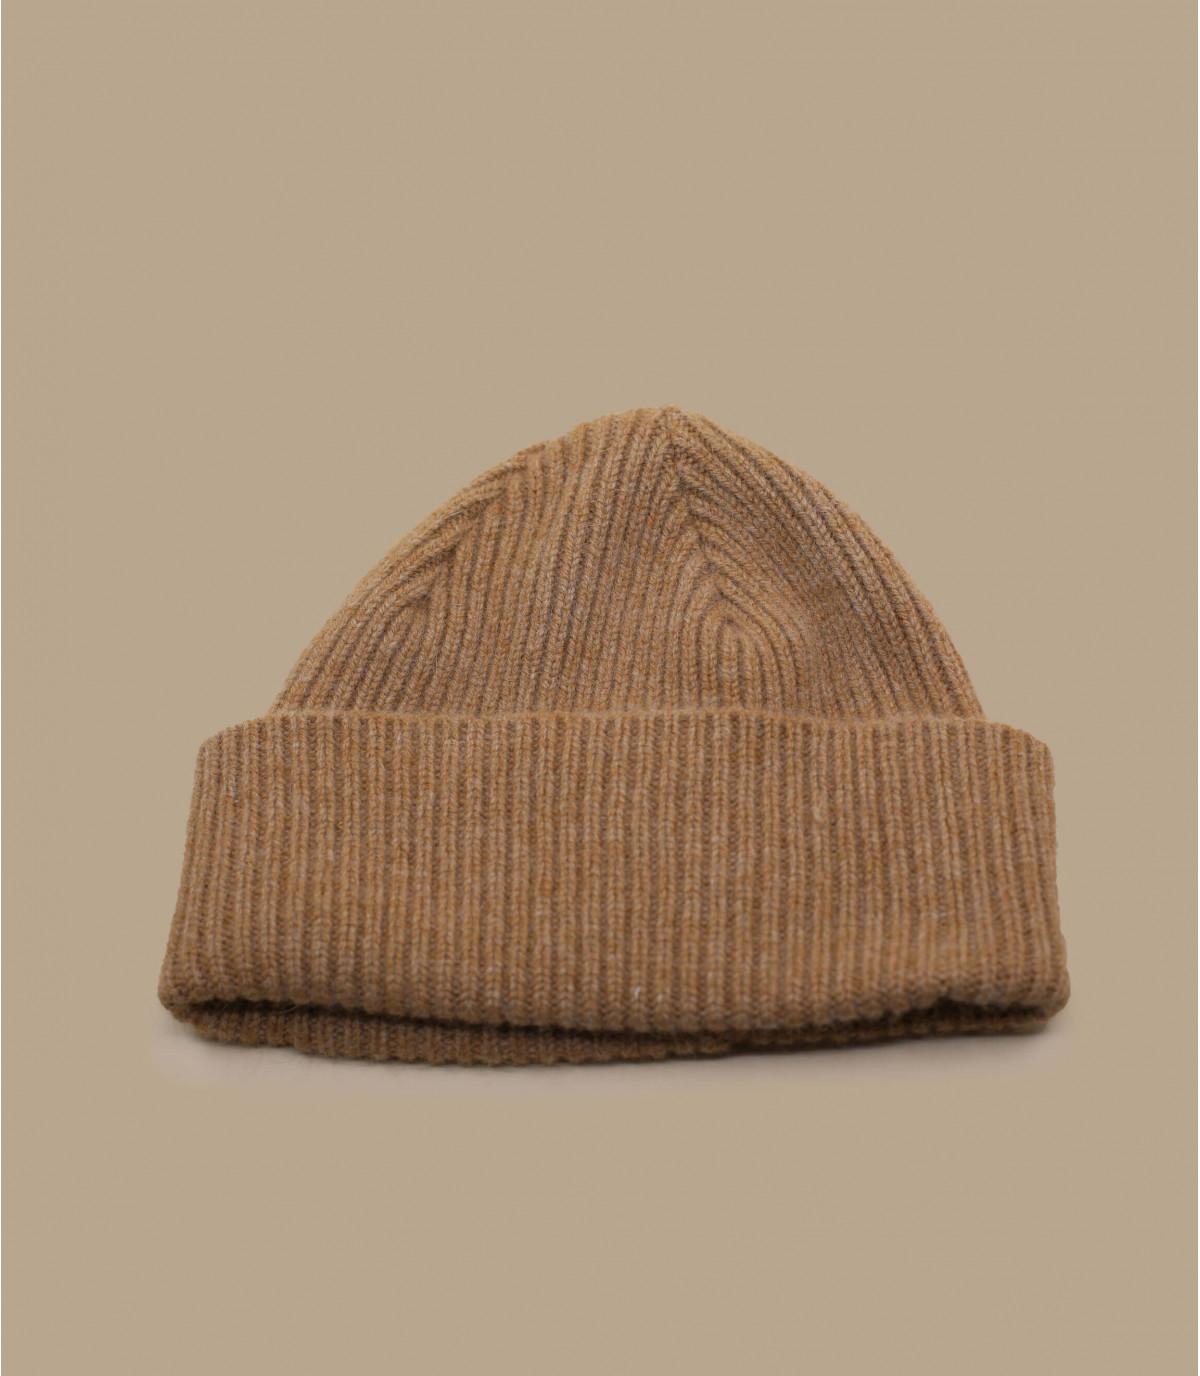 bonnet revers beige laine angora